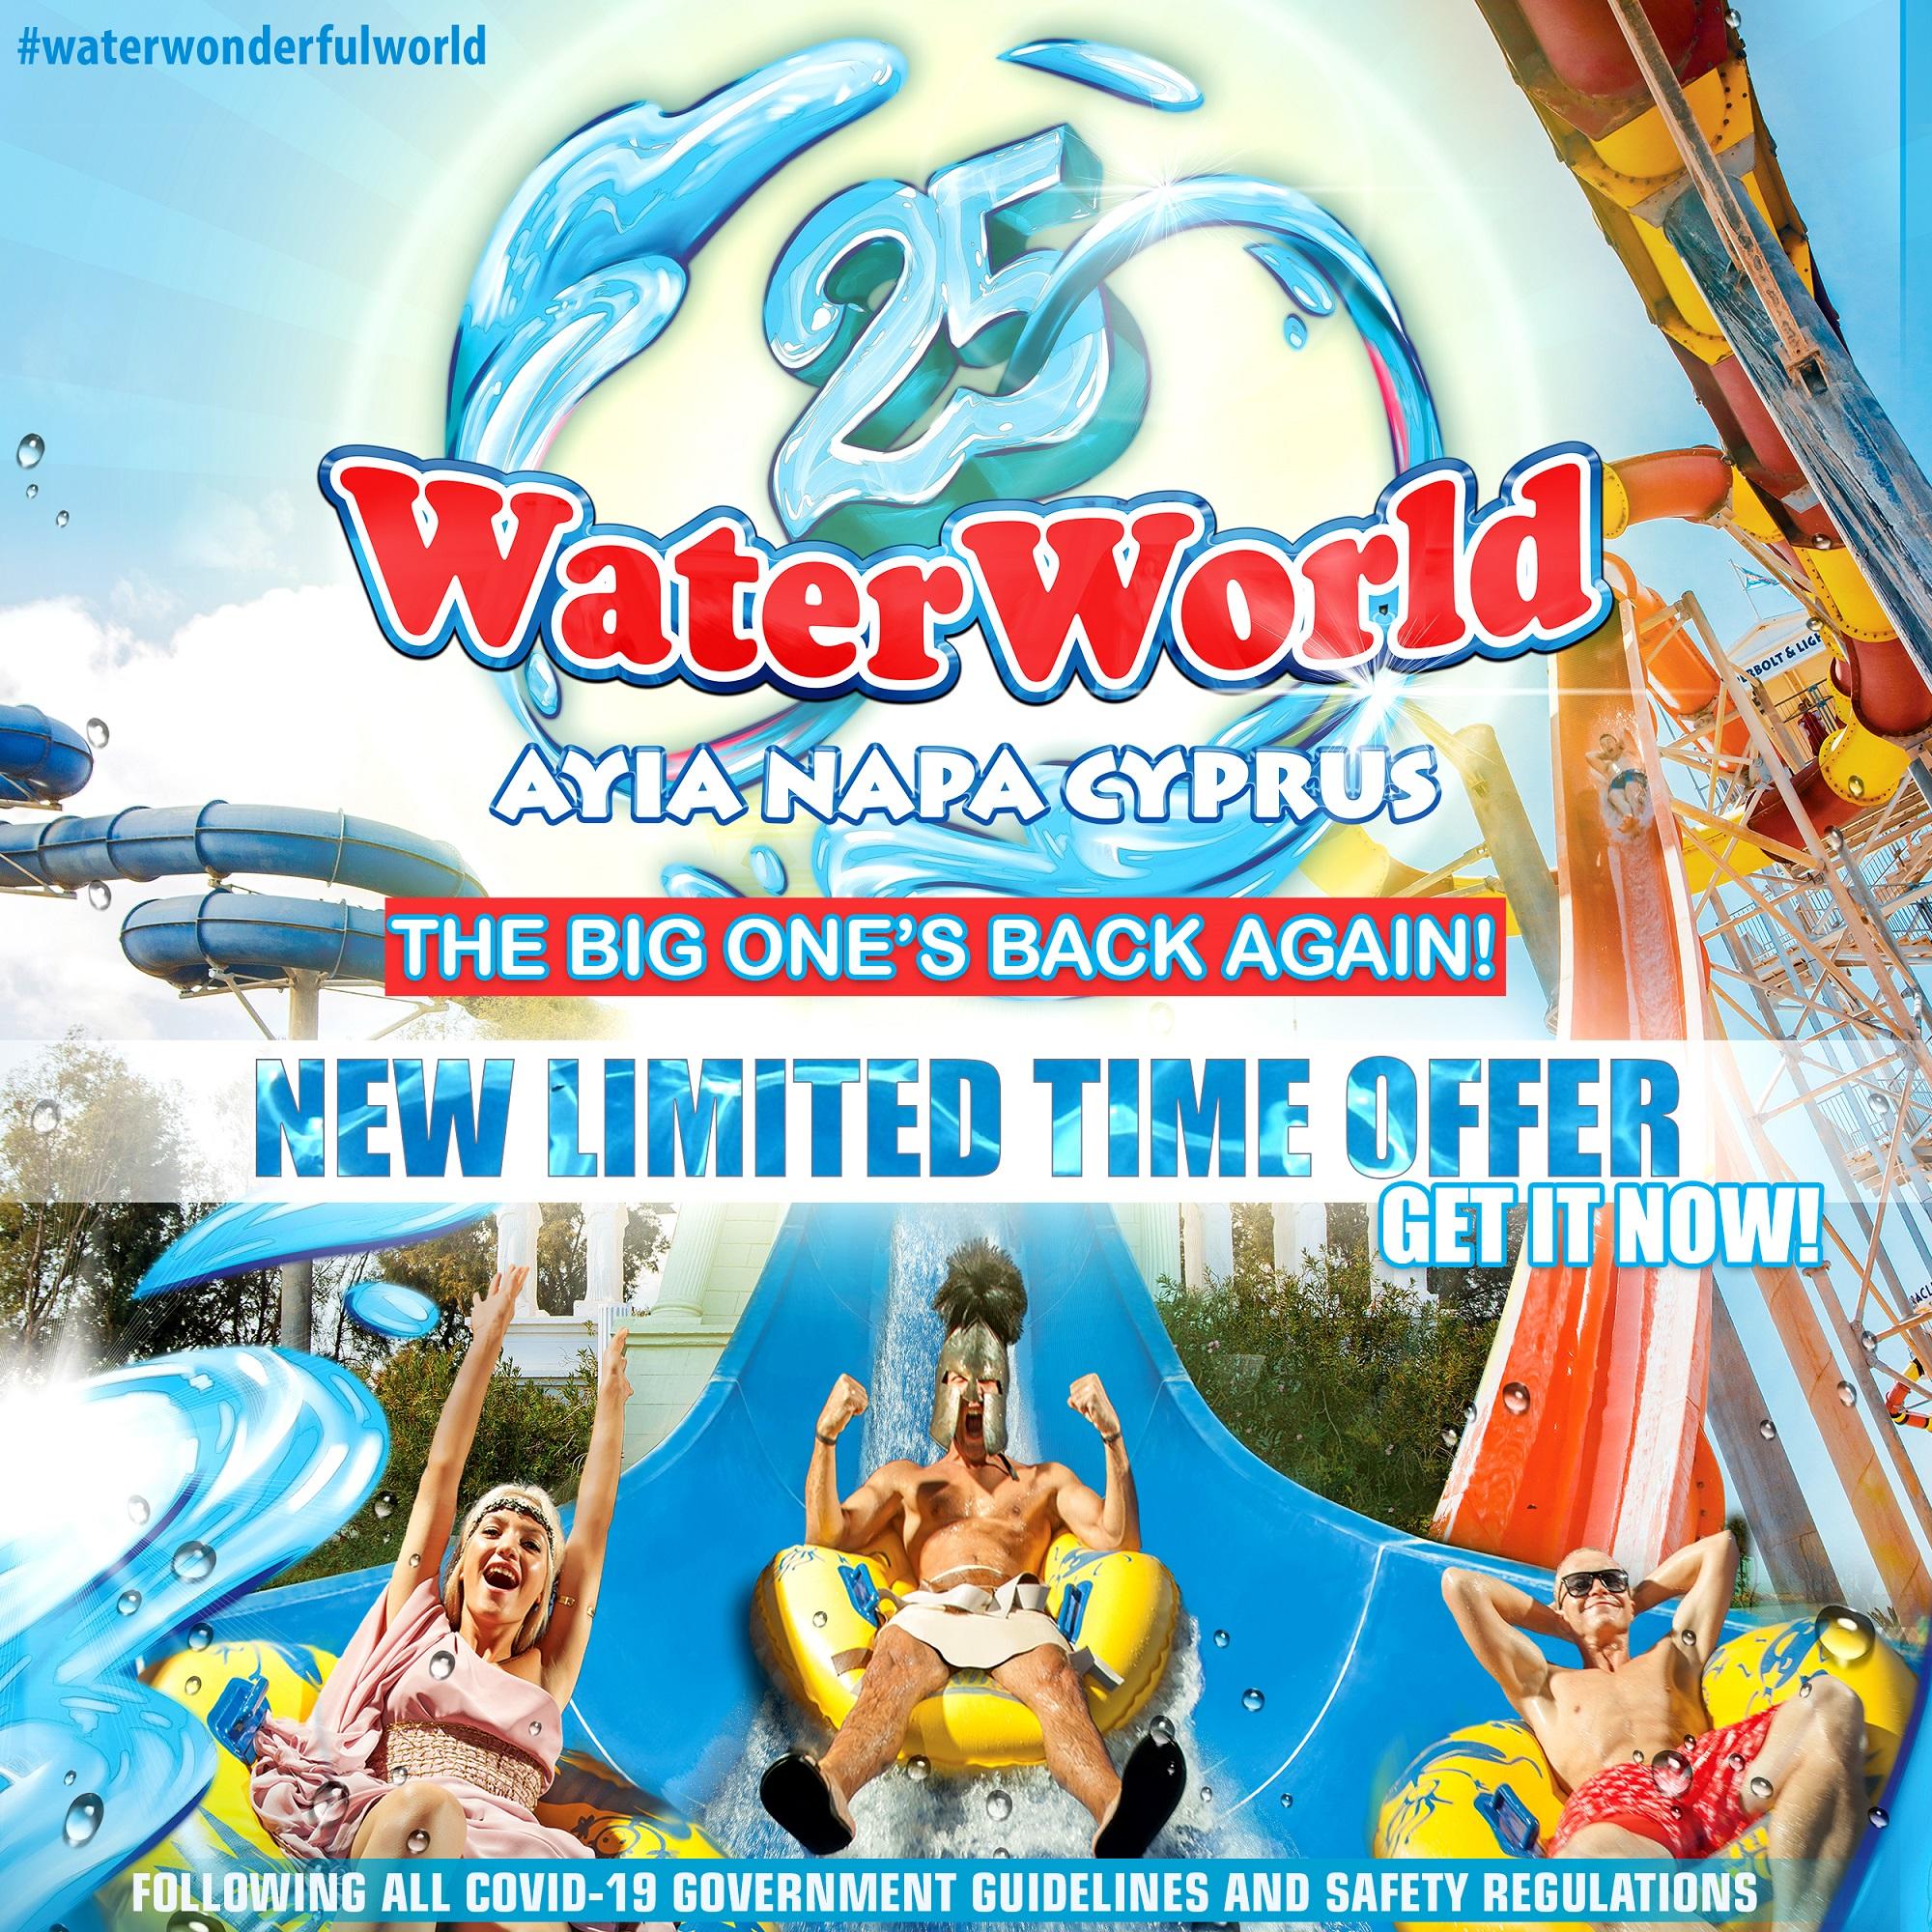 WaterWorld Themed Waterpark June 2021 Offer